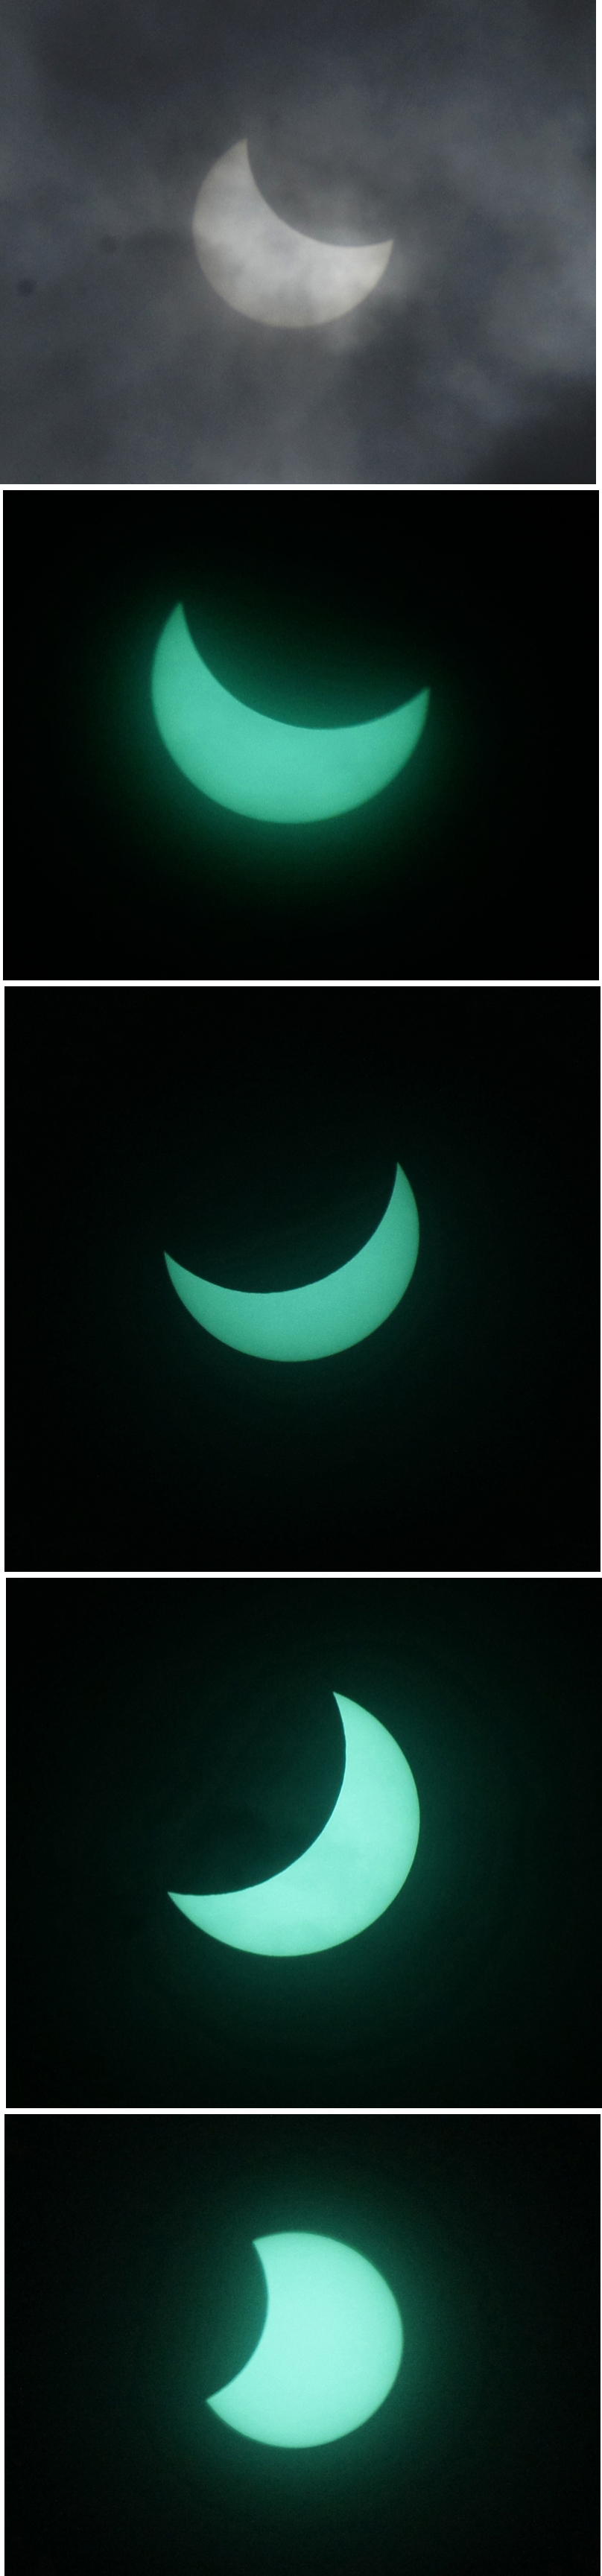 Eclipse partielle de Soleil - 20 Mars 2015 - Page 4 16870367002_de49b07f37_o